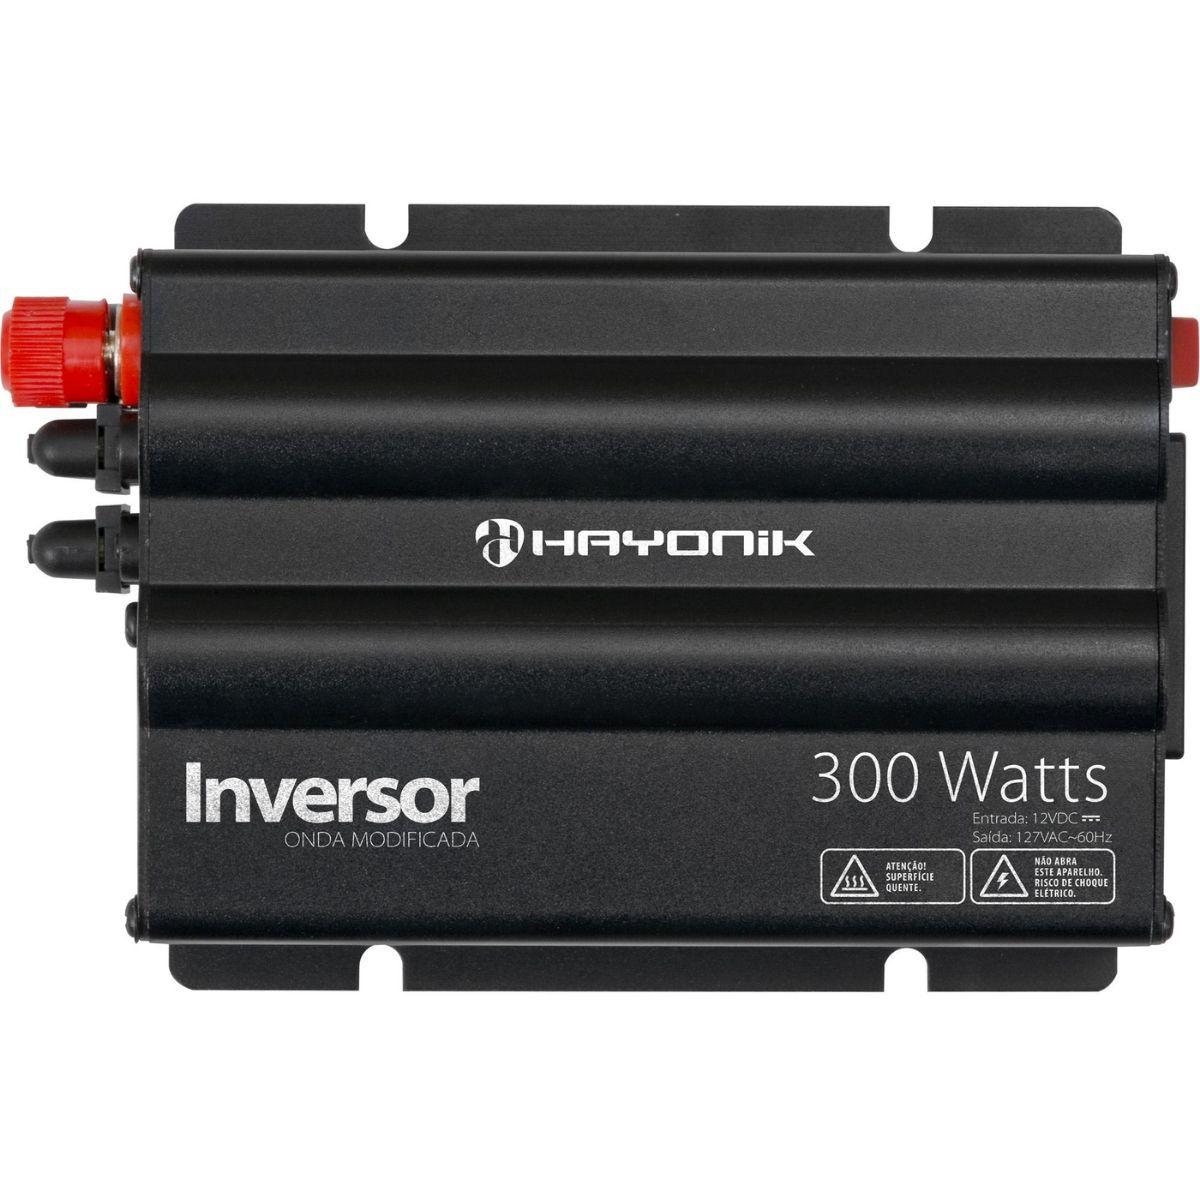 Inversor 300W 12VDC/127V Onda Modificada Cinza Escuro - HAYONIK